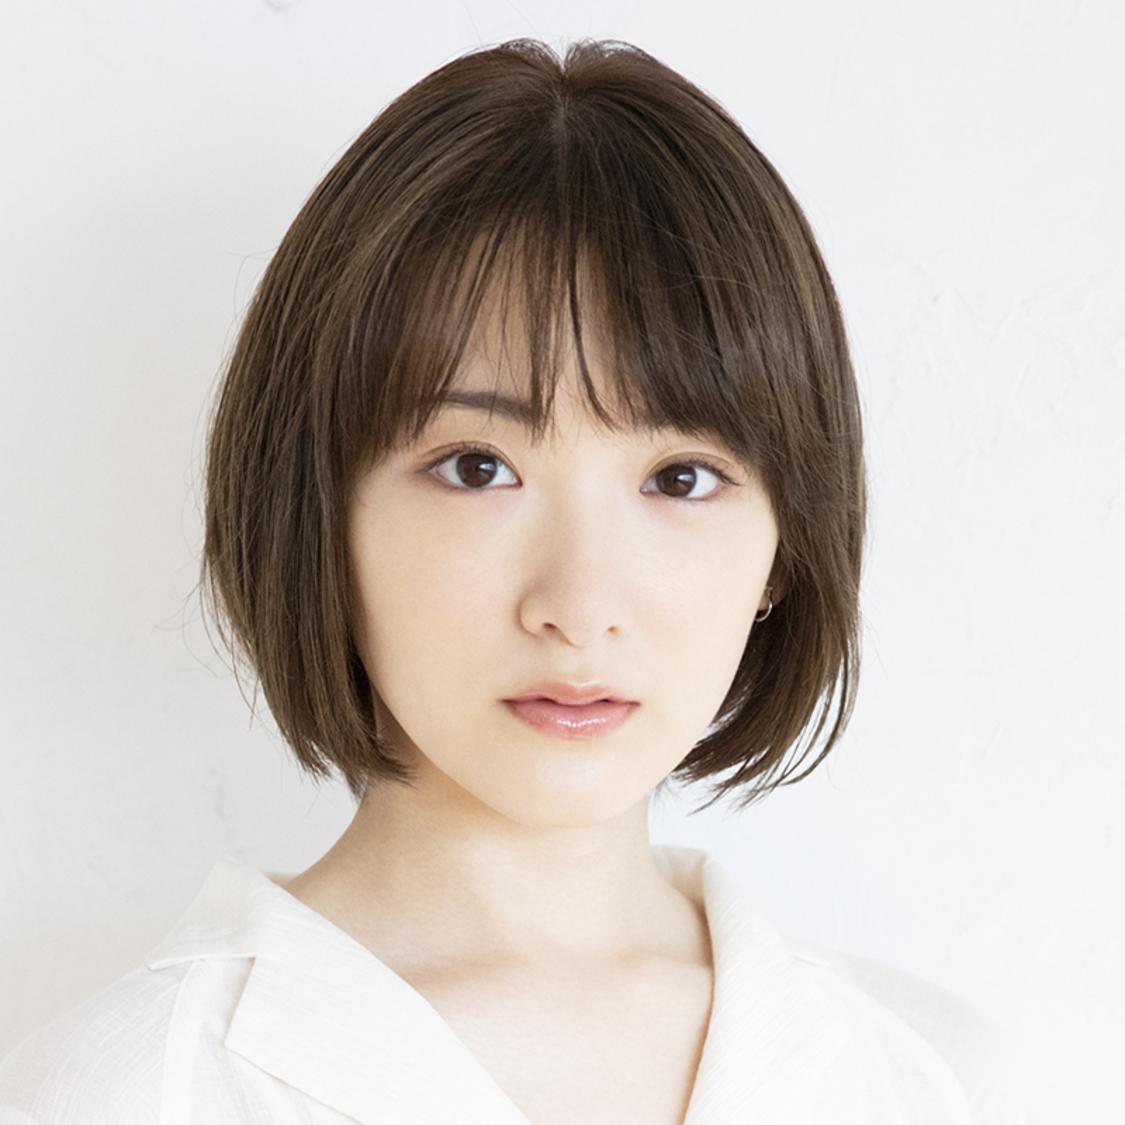 生駒里奈 主演舞台<-4D-imetor>、第1弾キャストに玉城裕規、松島庄汰、田村心、新子景視が決定!